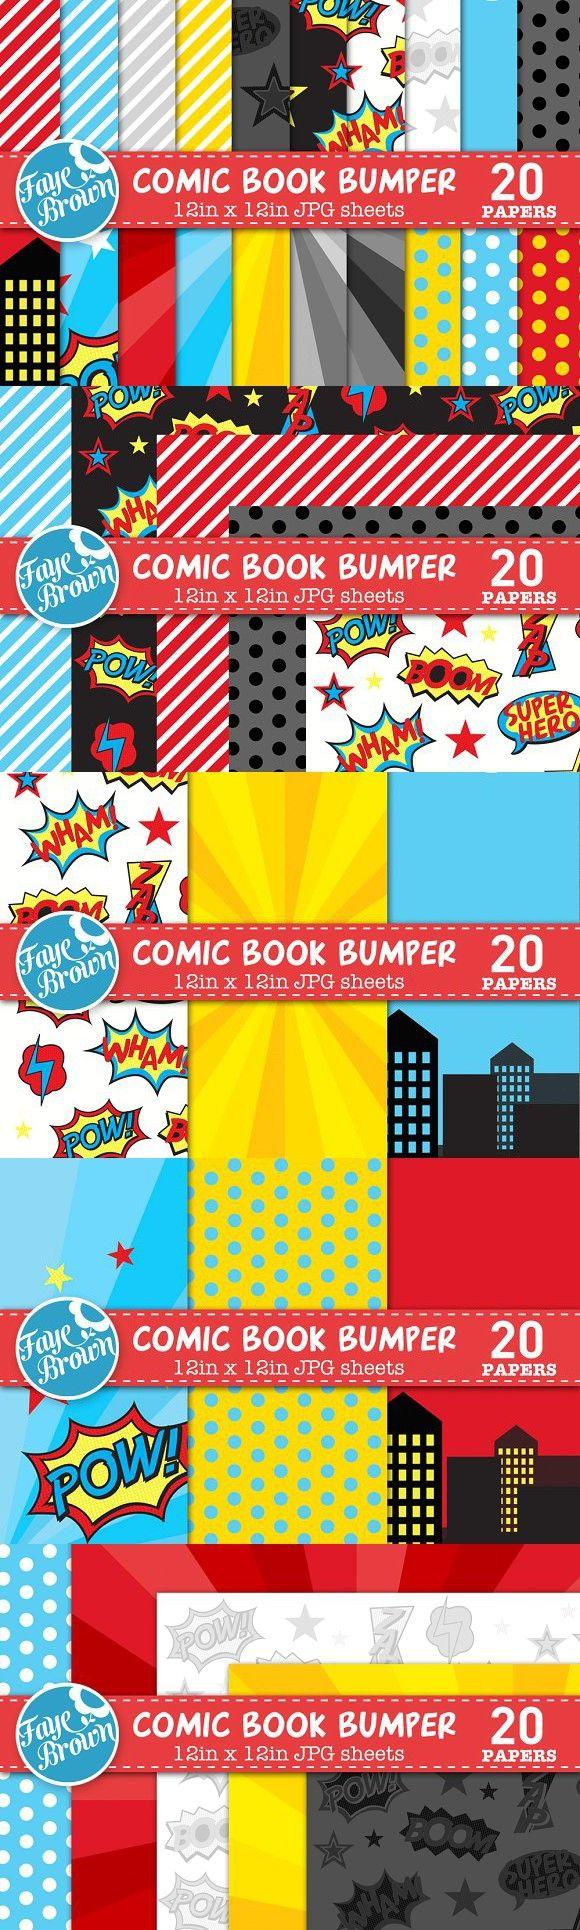 Scrapbook paper book - Comic Book Digital Scrapbook Paper Digital Scrapbook Paper Comic Books And Scrapbook Patterns